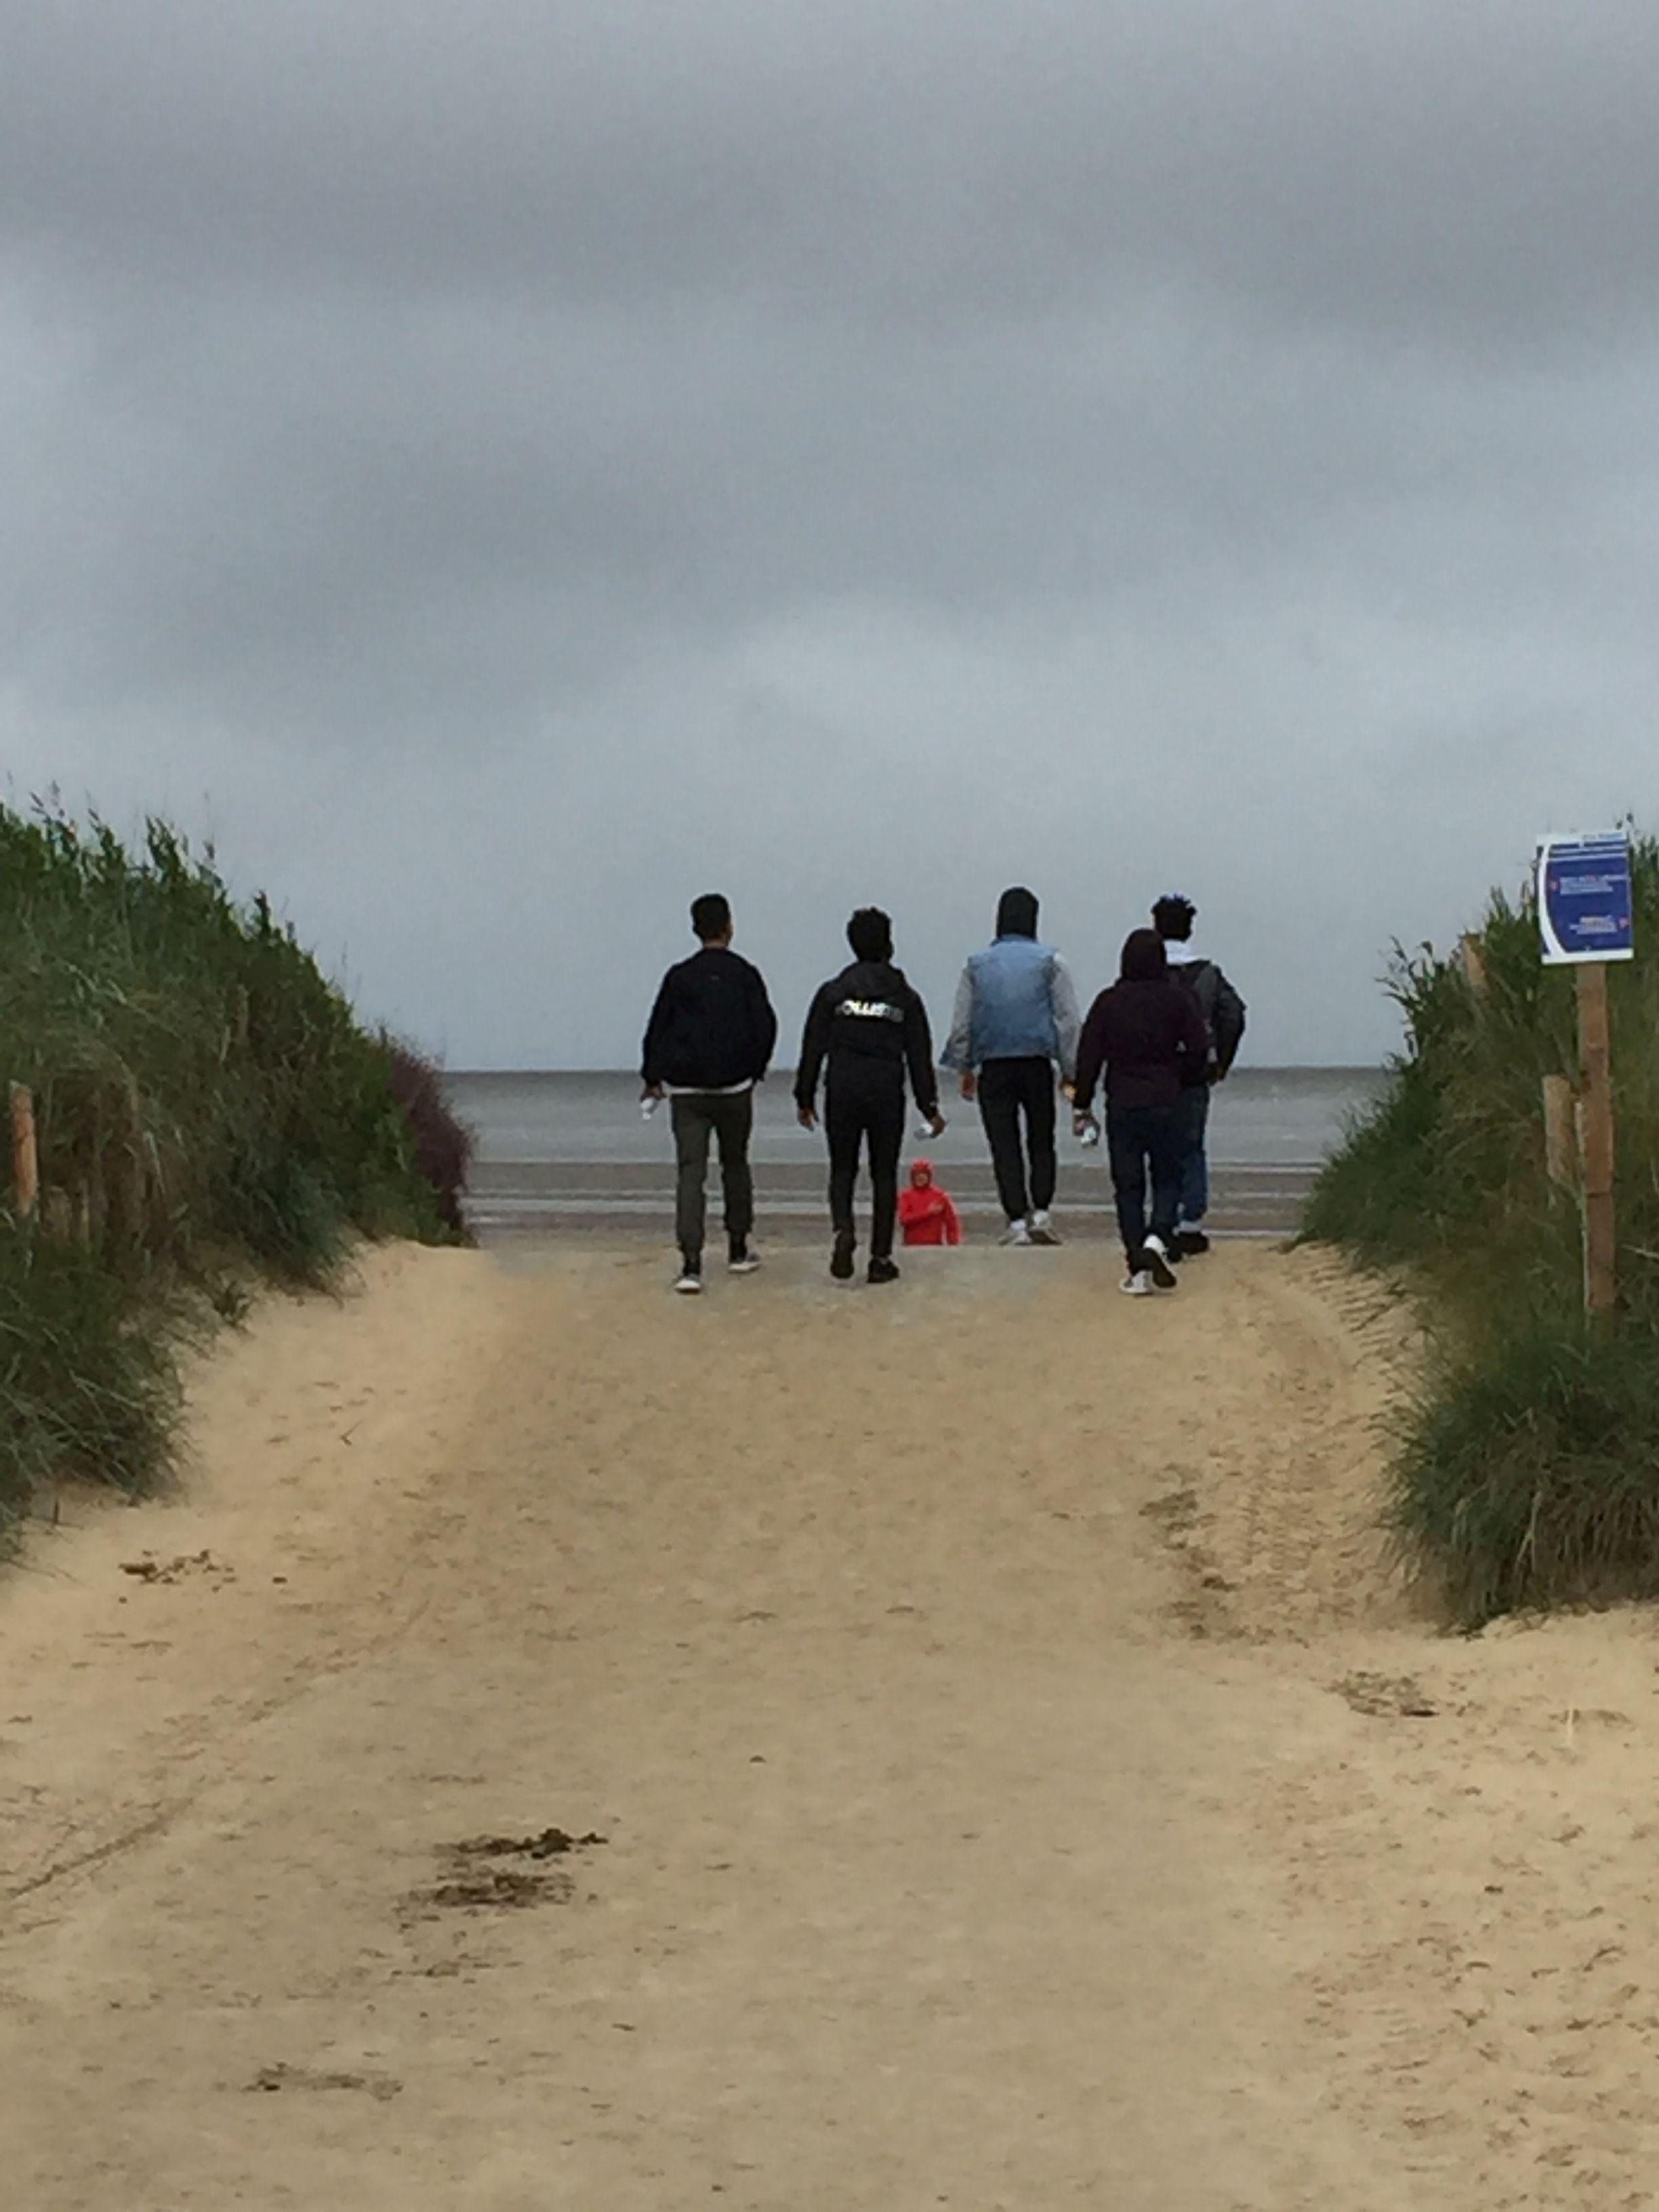 Vier Jugendliche, von hinten zu sehen, laufen auf einem Strandweg zwischen den Dünen bei bedecktem Wetter zum Meer hinunter.